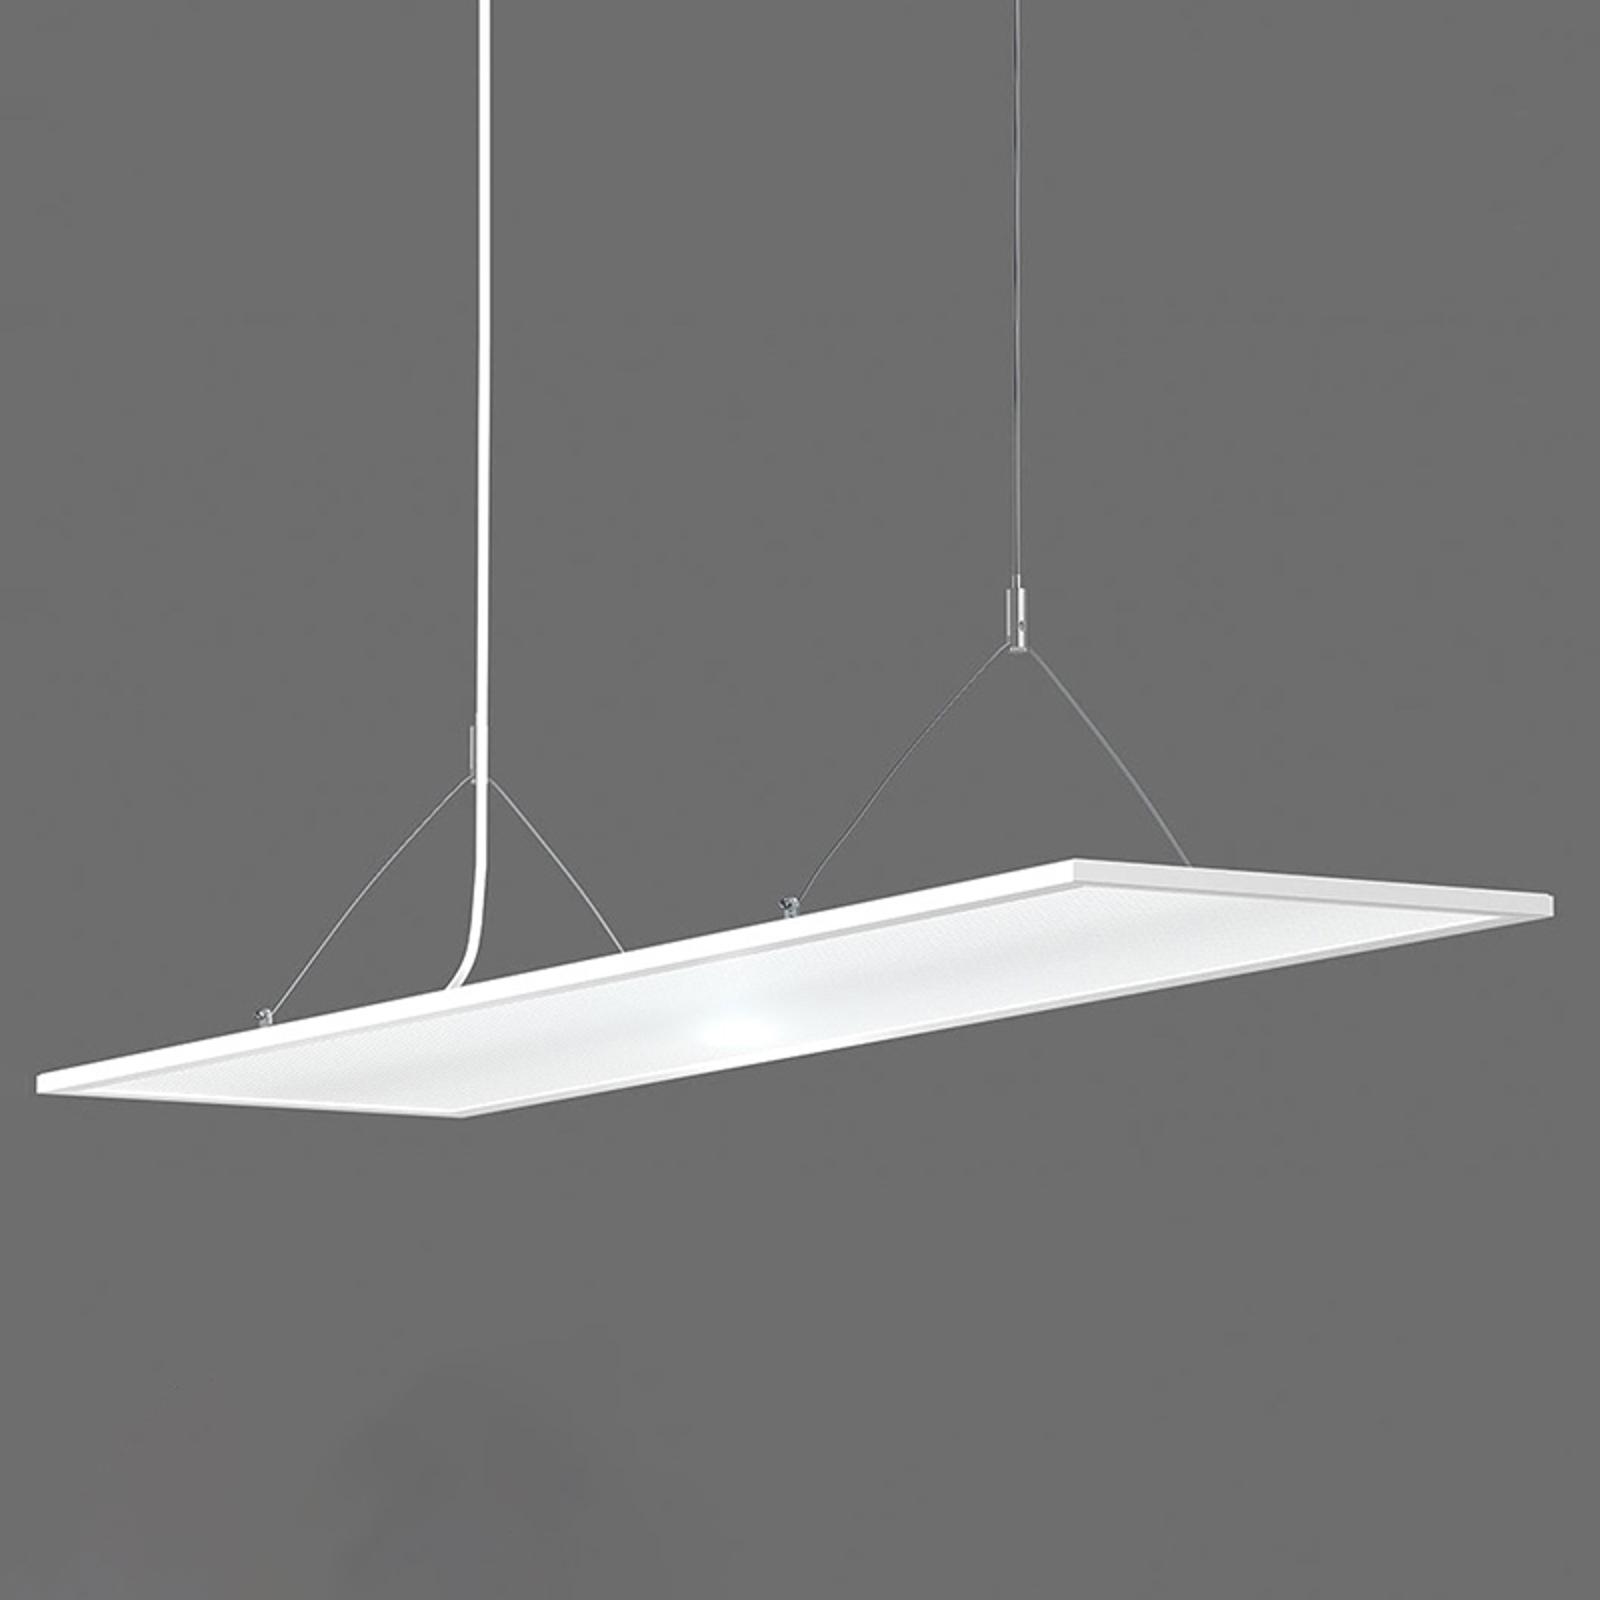 Y-Seilabhängungsset für LED-Paneel